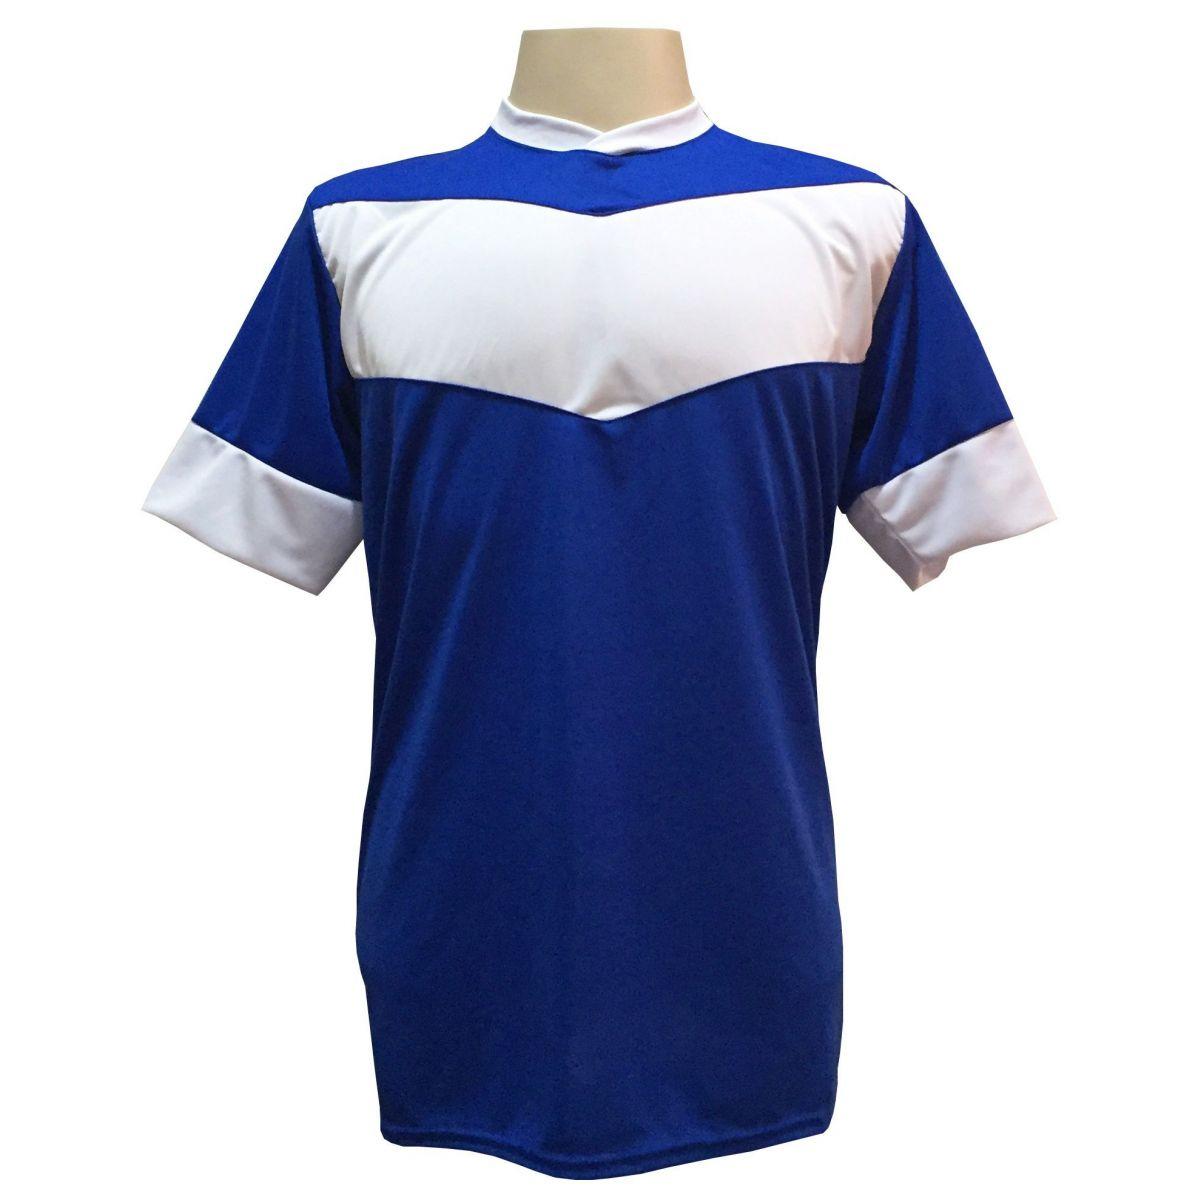 Fardamento Completo Modelo Columbus 18+1 (18 Camisas Royal/Branco + 18 Calções Madrid Royal + 18 Pares de Meiões Brancos + 1 Conjunto de Goleiro) + Brindes